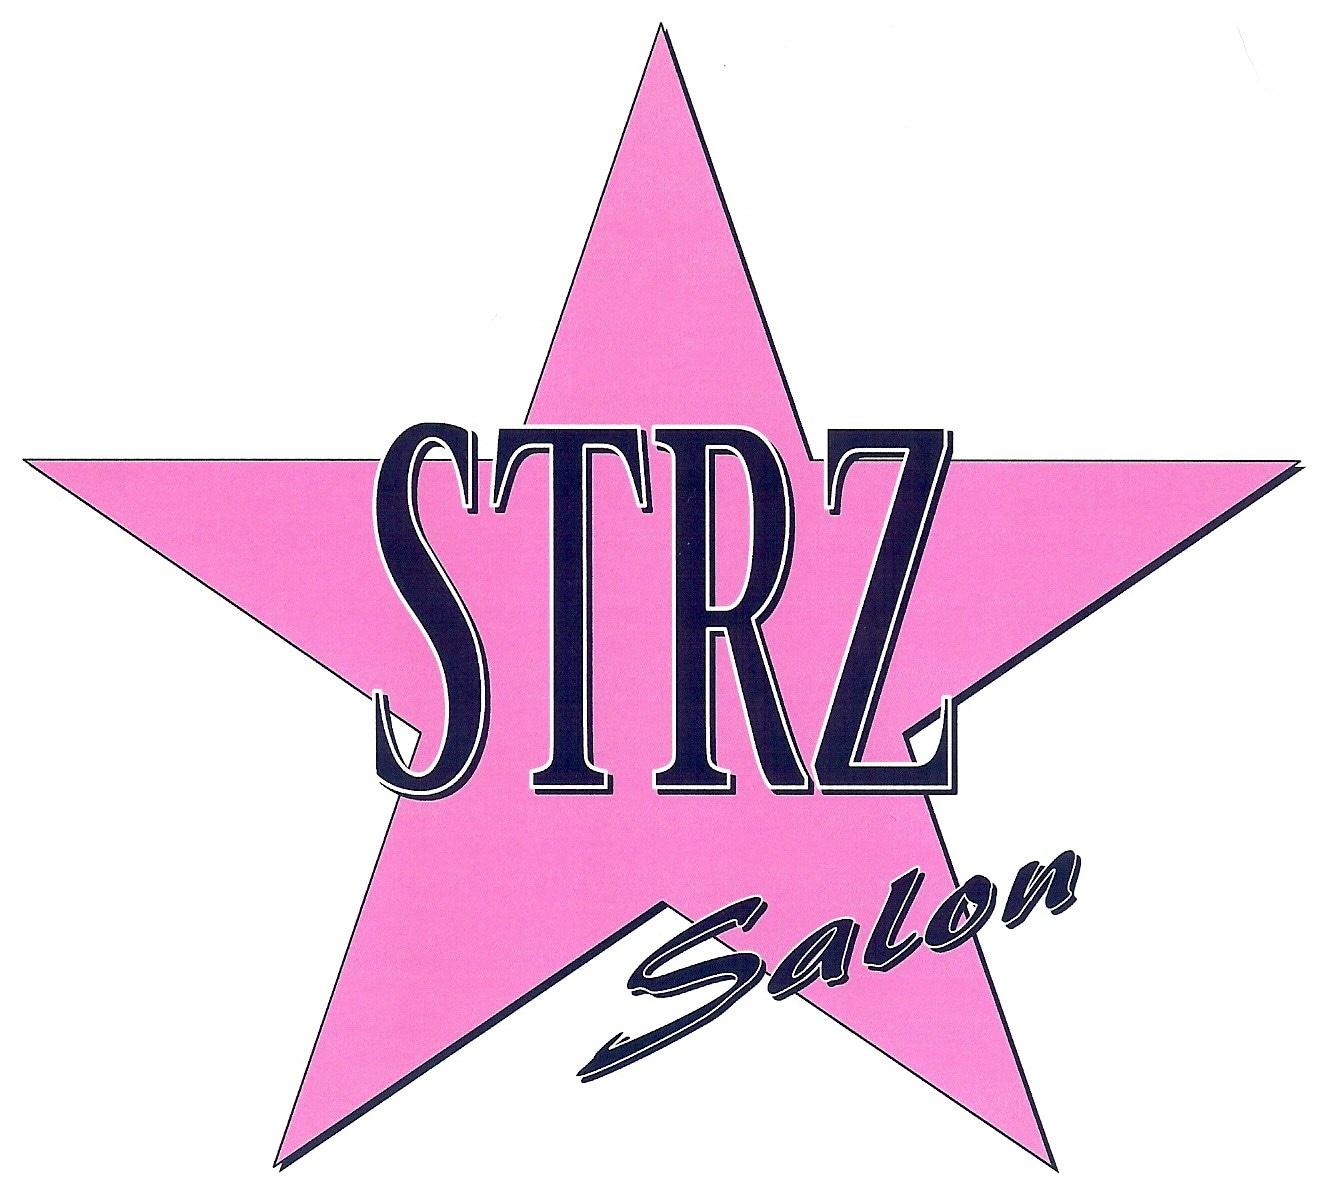 STRZ Salon